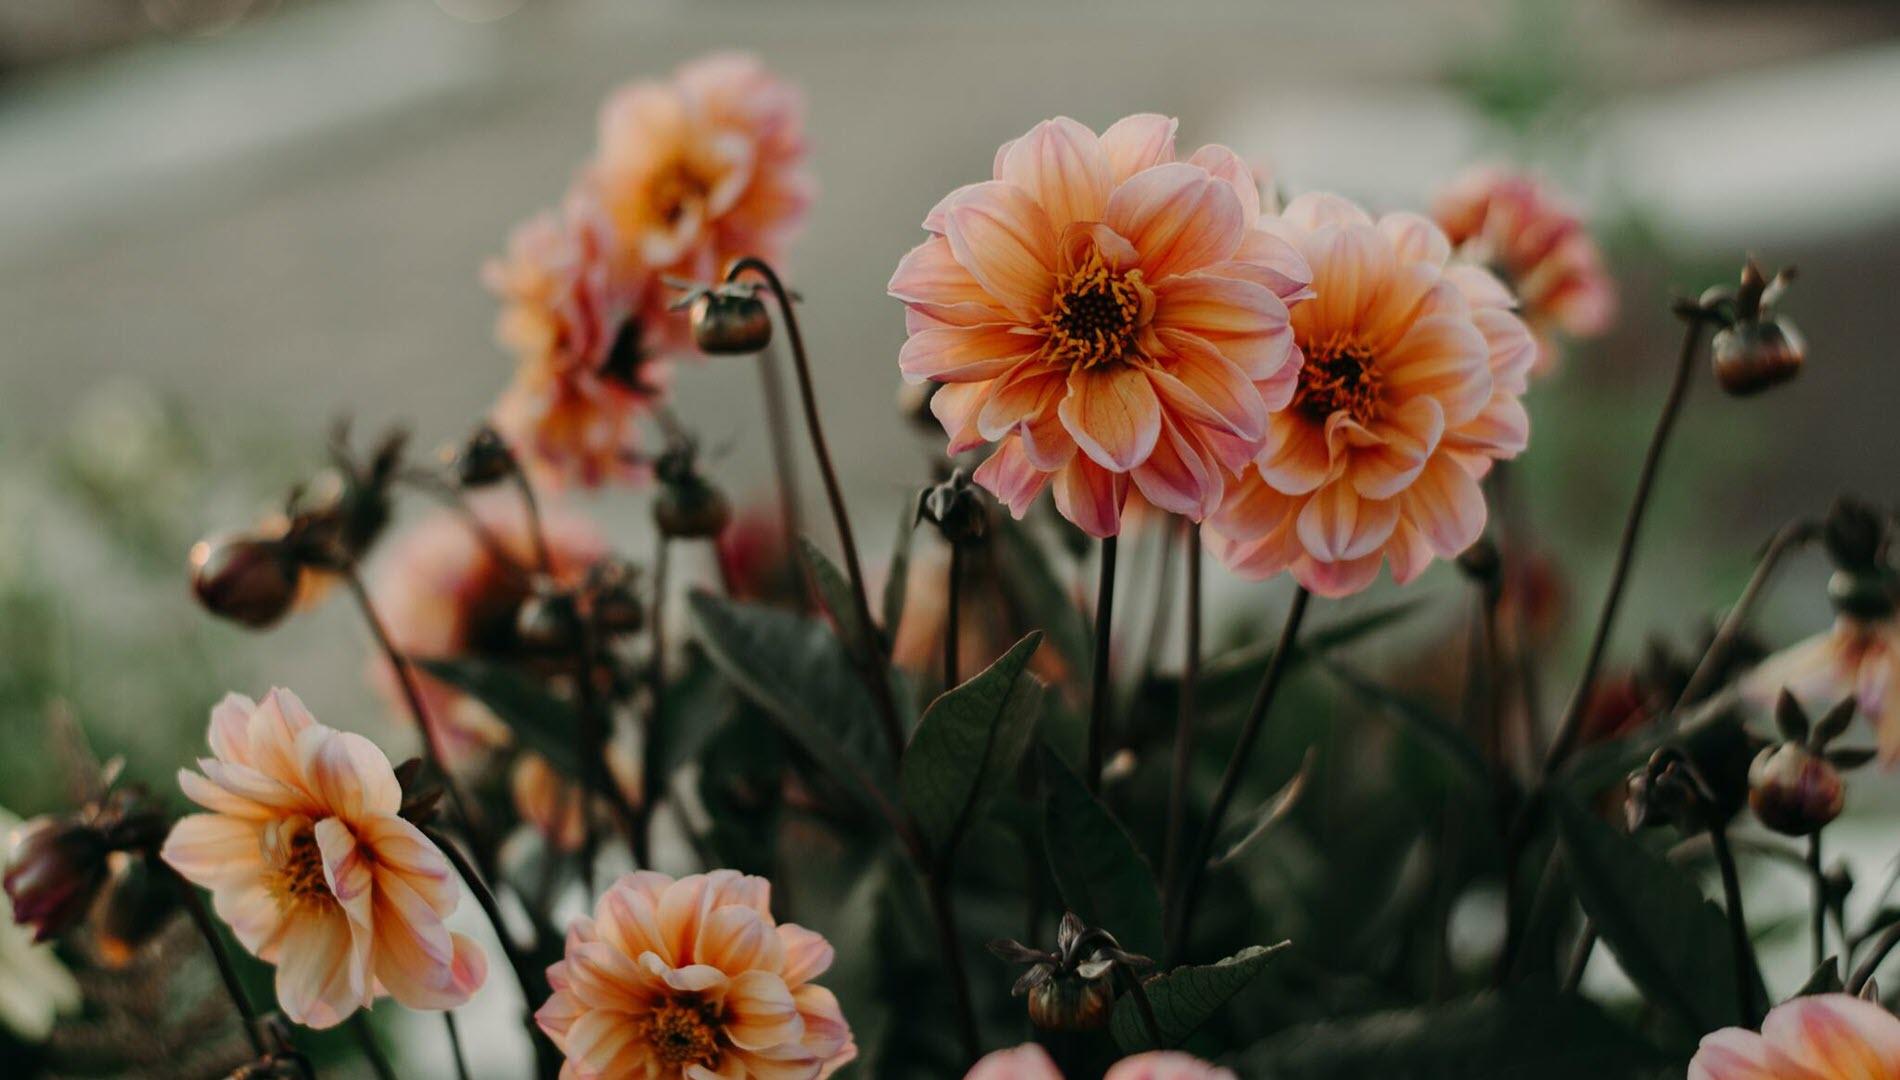 Hình nền vườn hoa mùa xuân